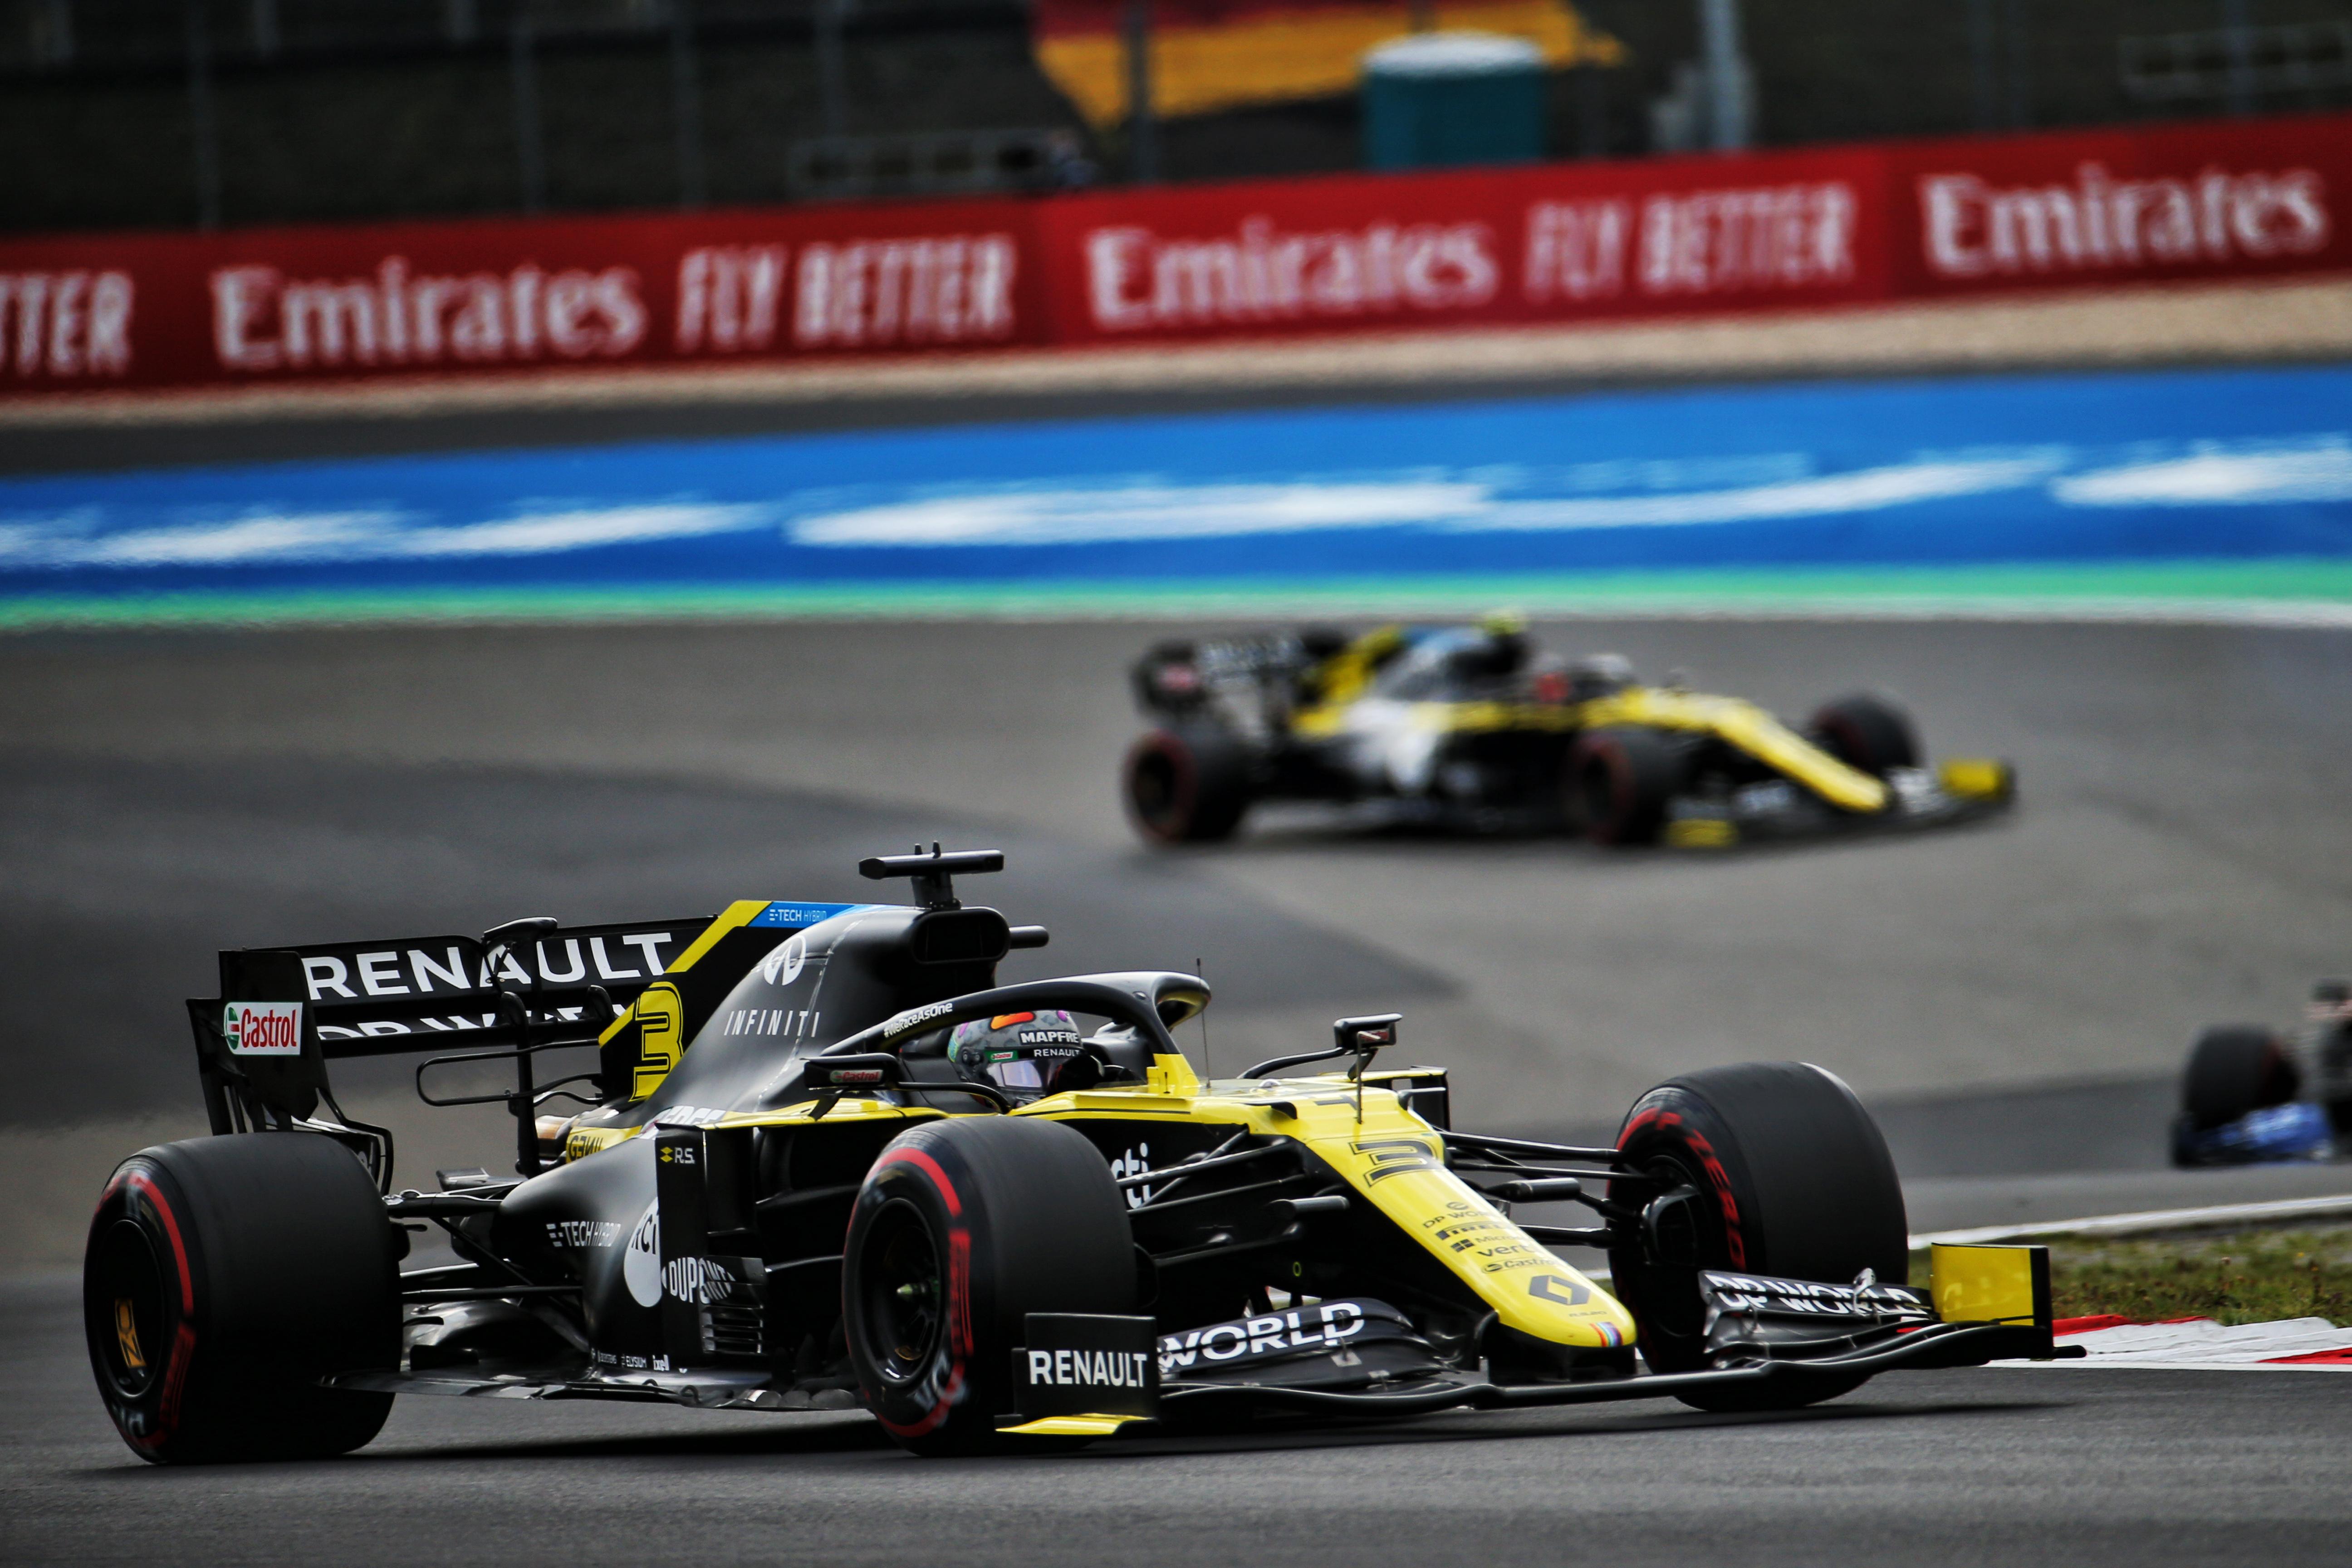 Daniel Ricciardo Esteban Ocon Renault F1 2020